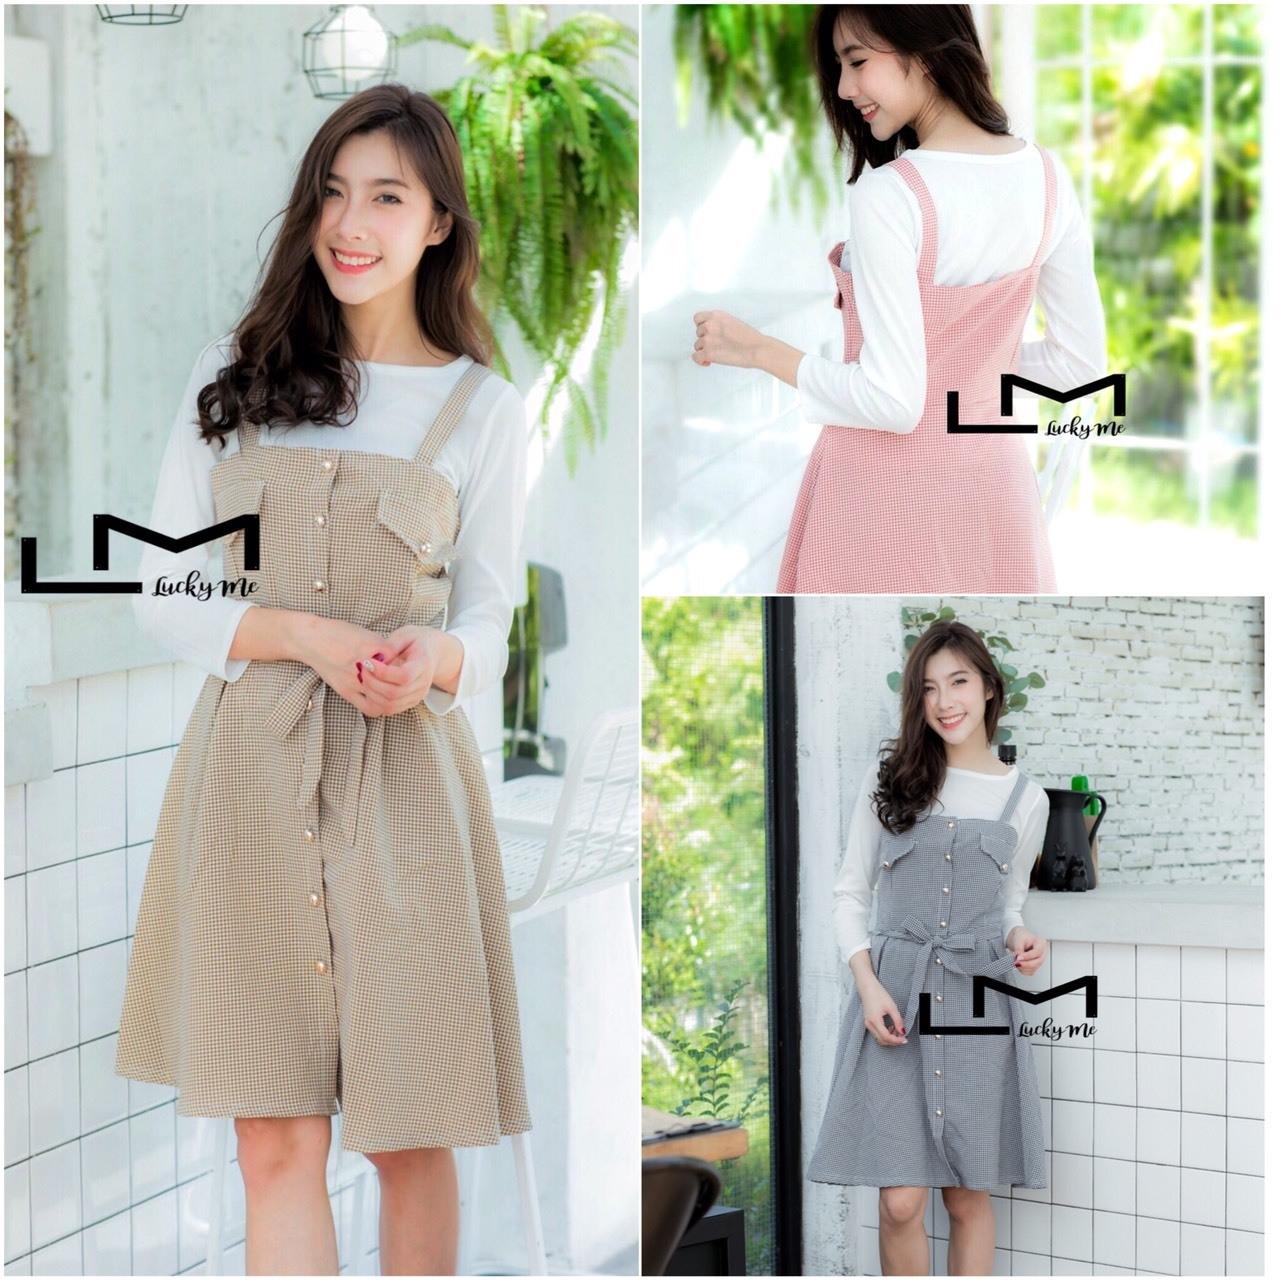 เสื้อผ้าเกาหลีพร้อมส่ง ชุดเซทเสื้อแขนยาว+เดรสลายตาราง